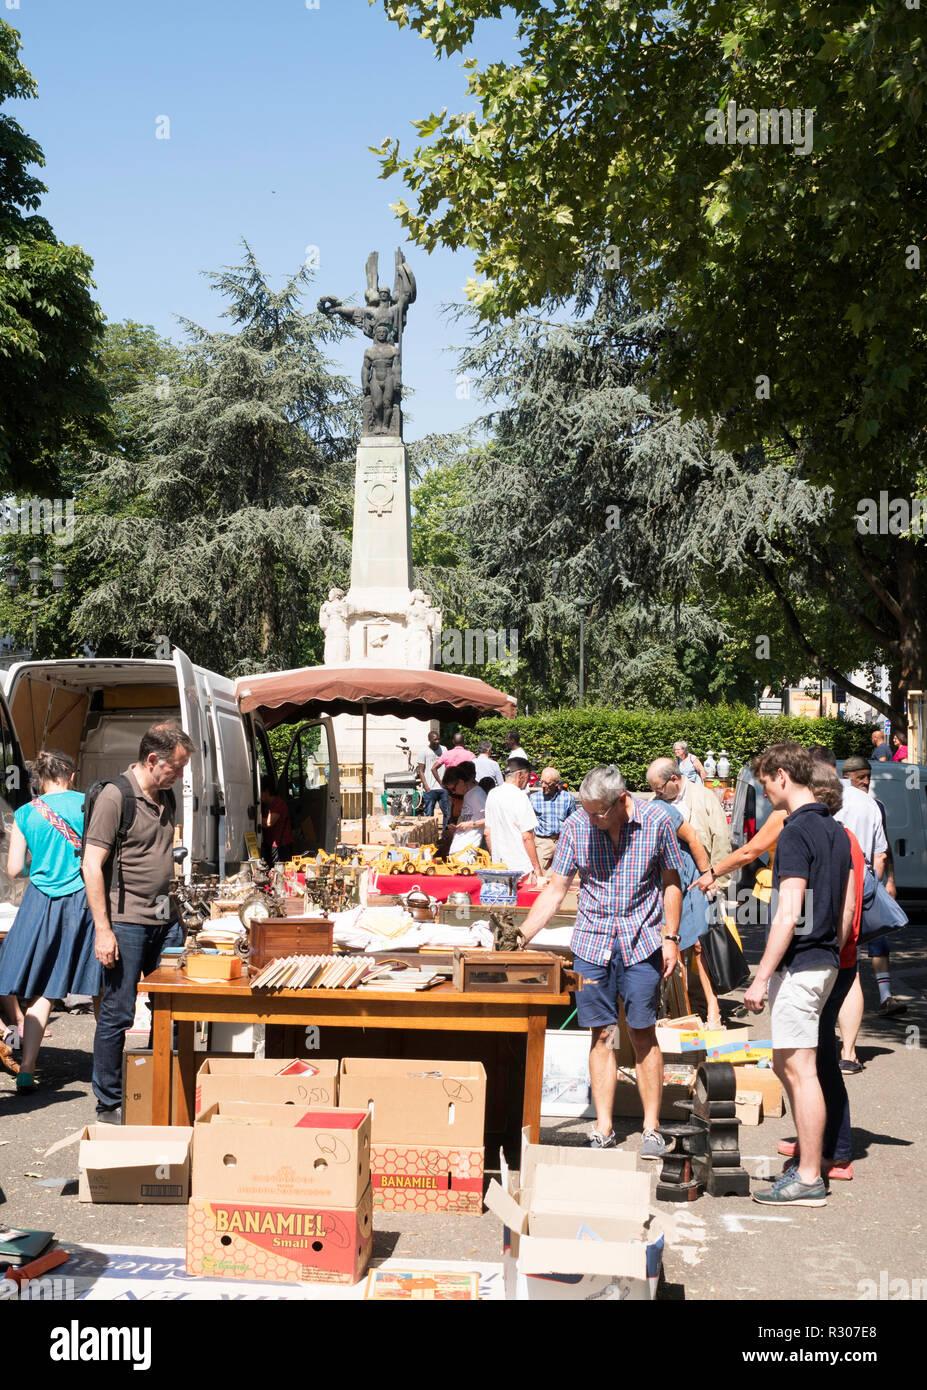 Marché aux puces à l'Esplanade du Souvenir Français, Orléans, Center-Val de Loire, France, Europe Photo Stock